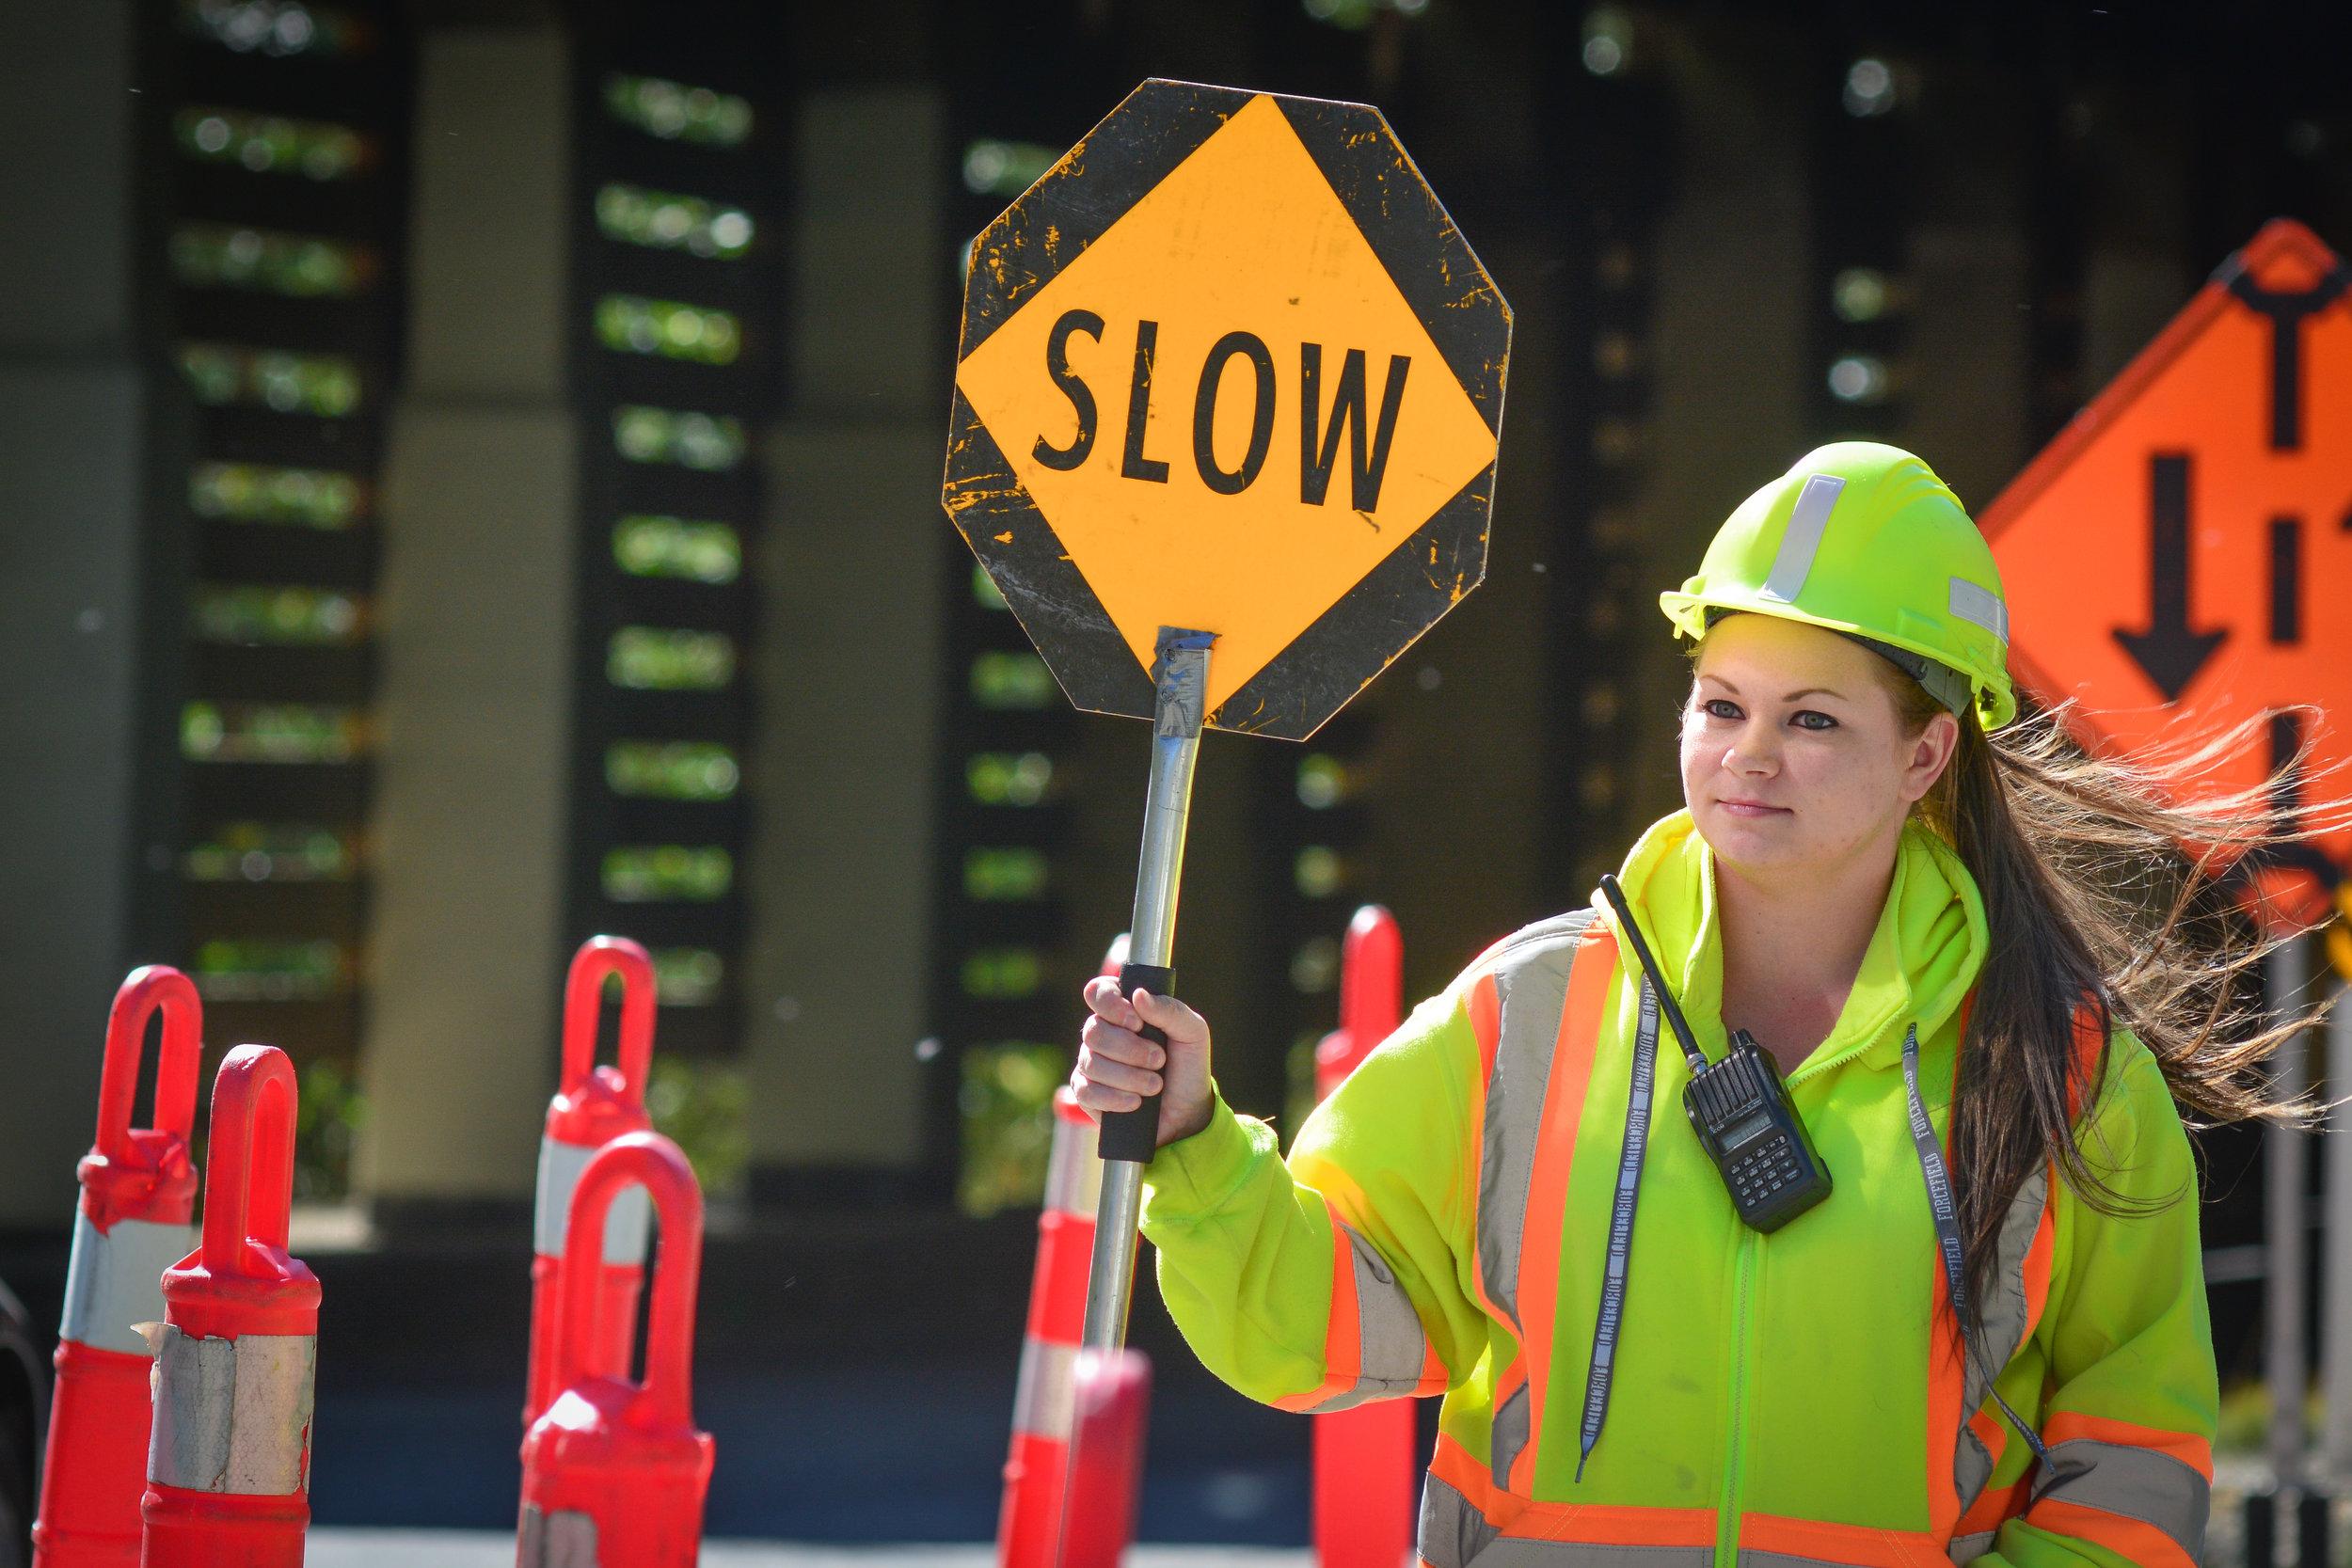 Traffic Control Training. -